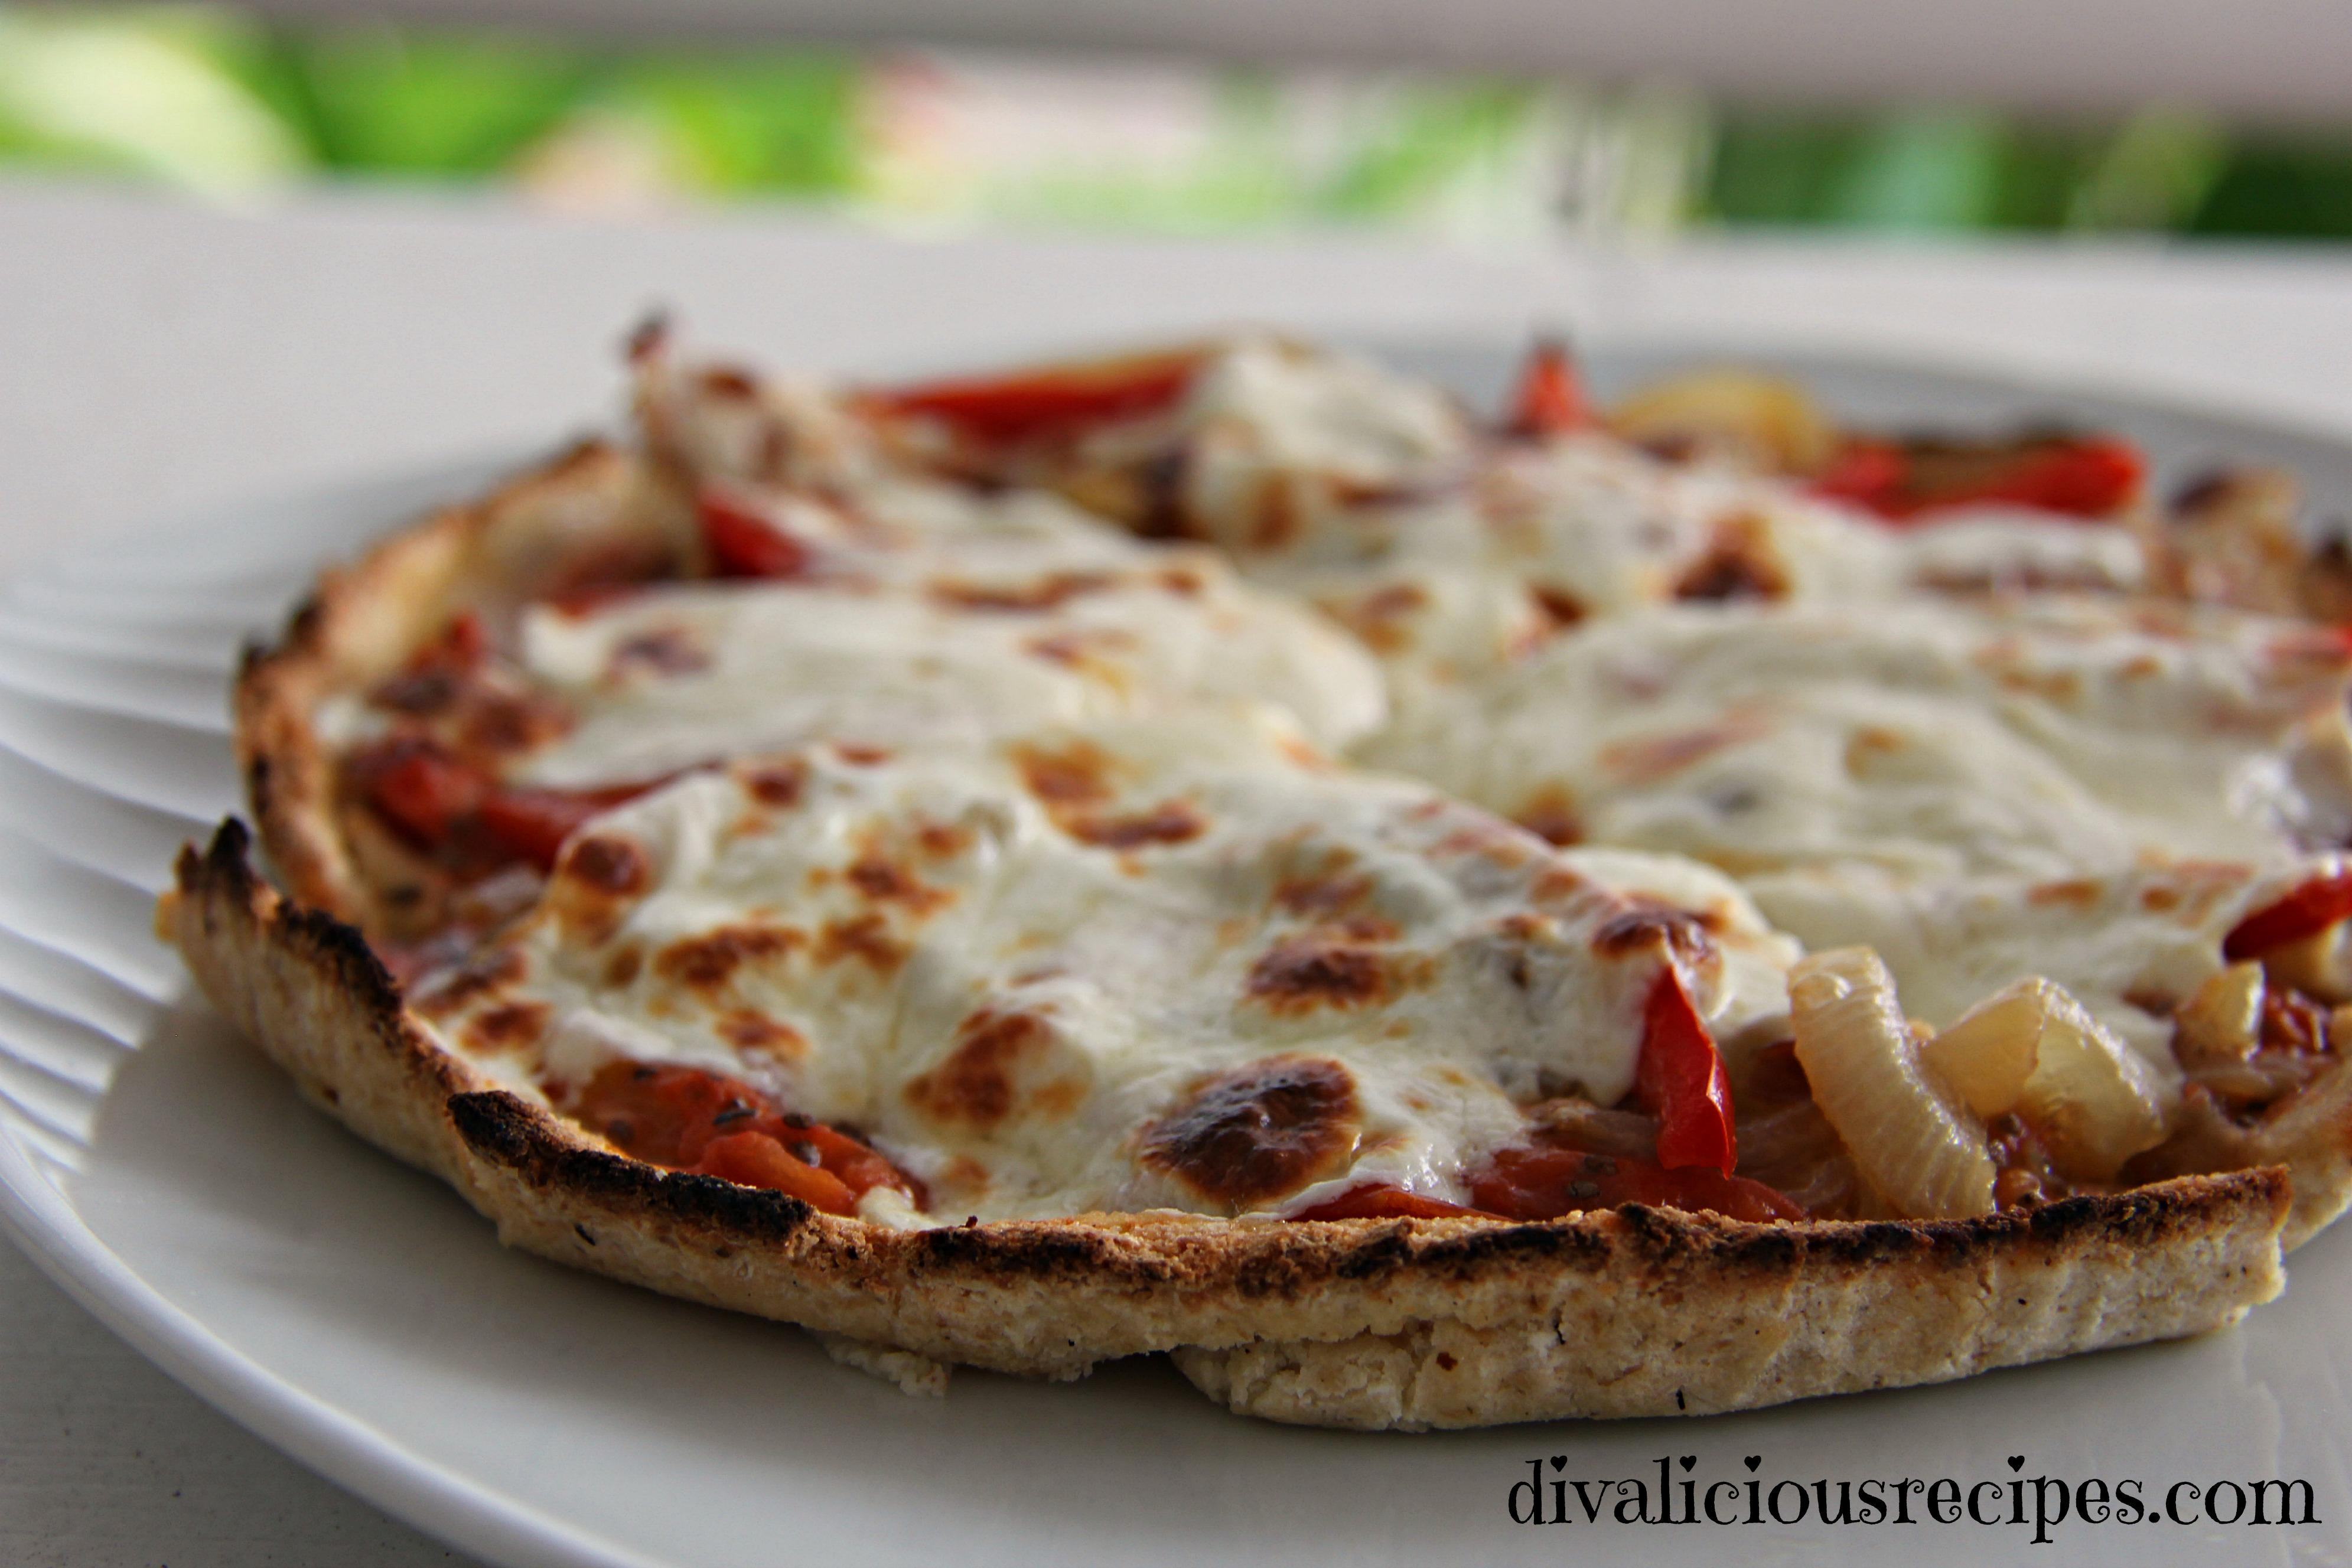 Coconut Flour Psyllium Pizza Divalicious Recipes